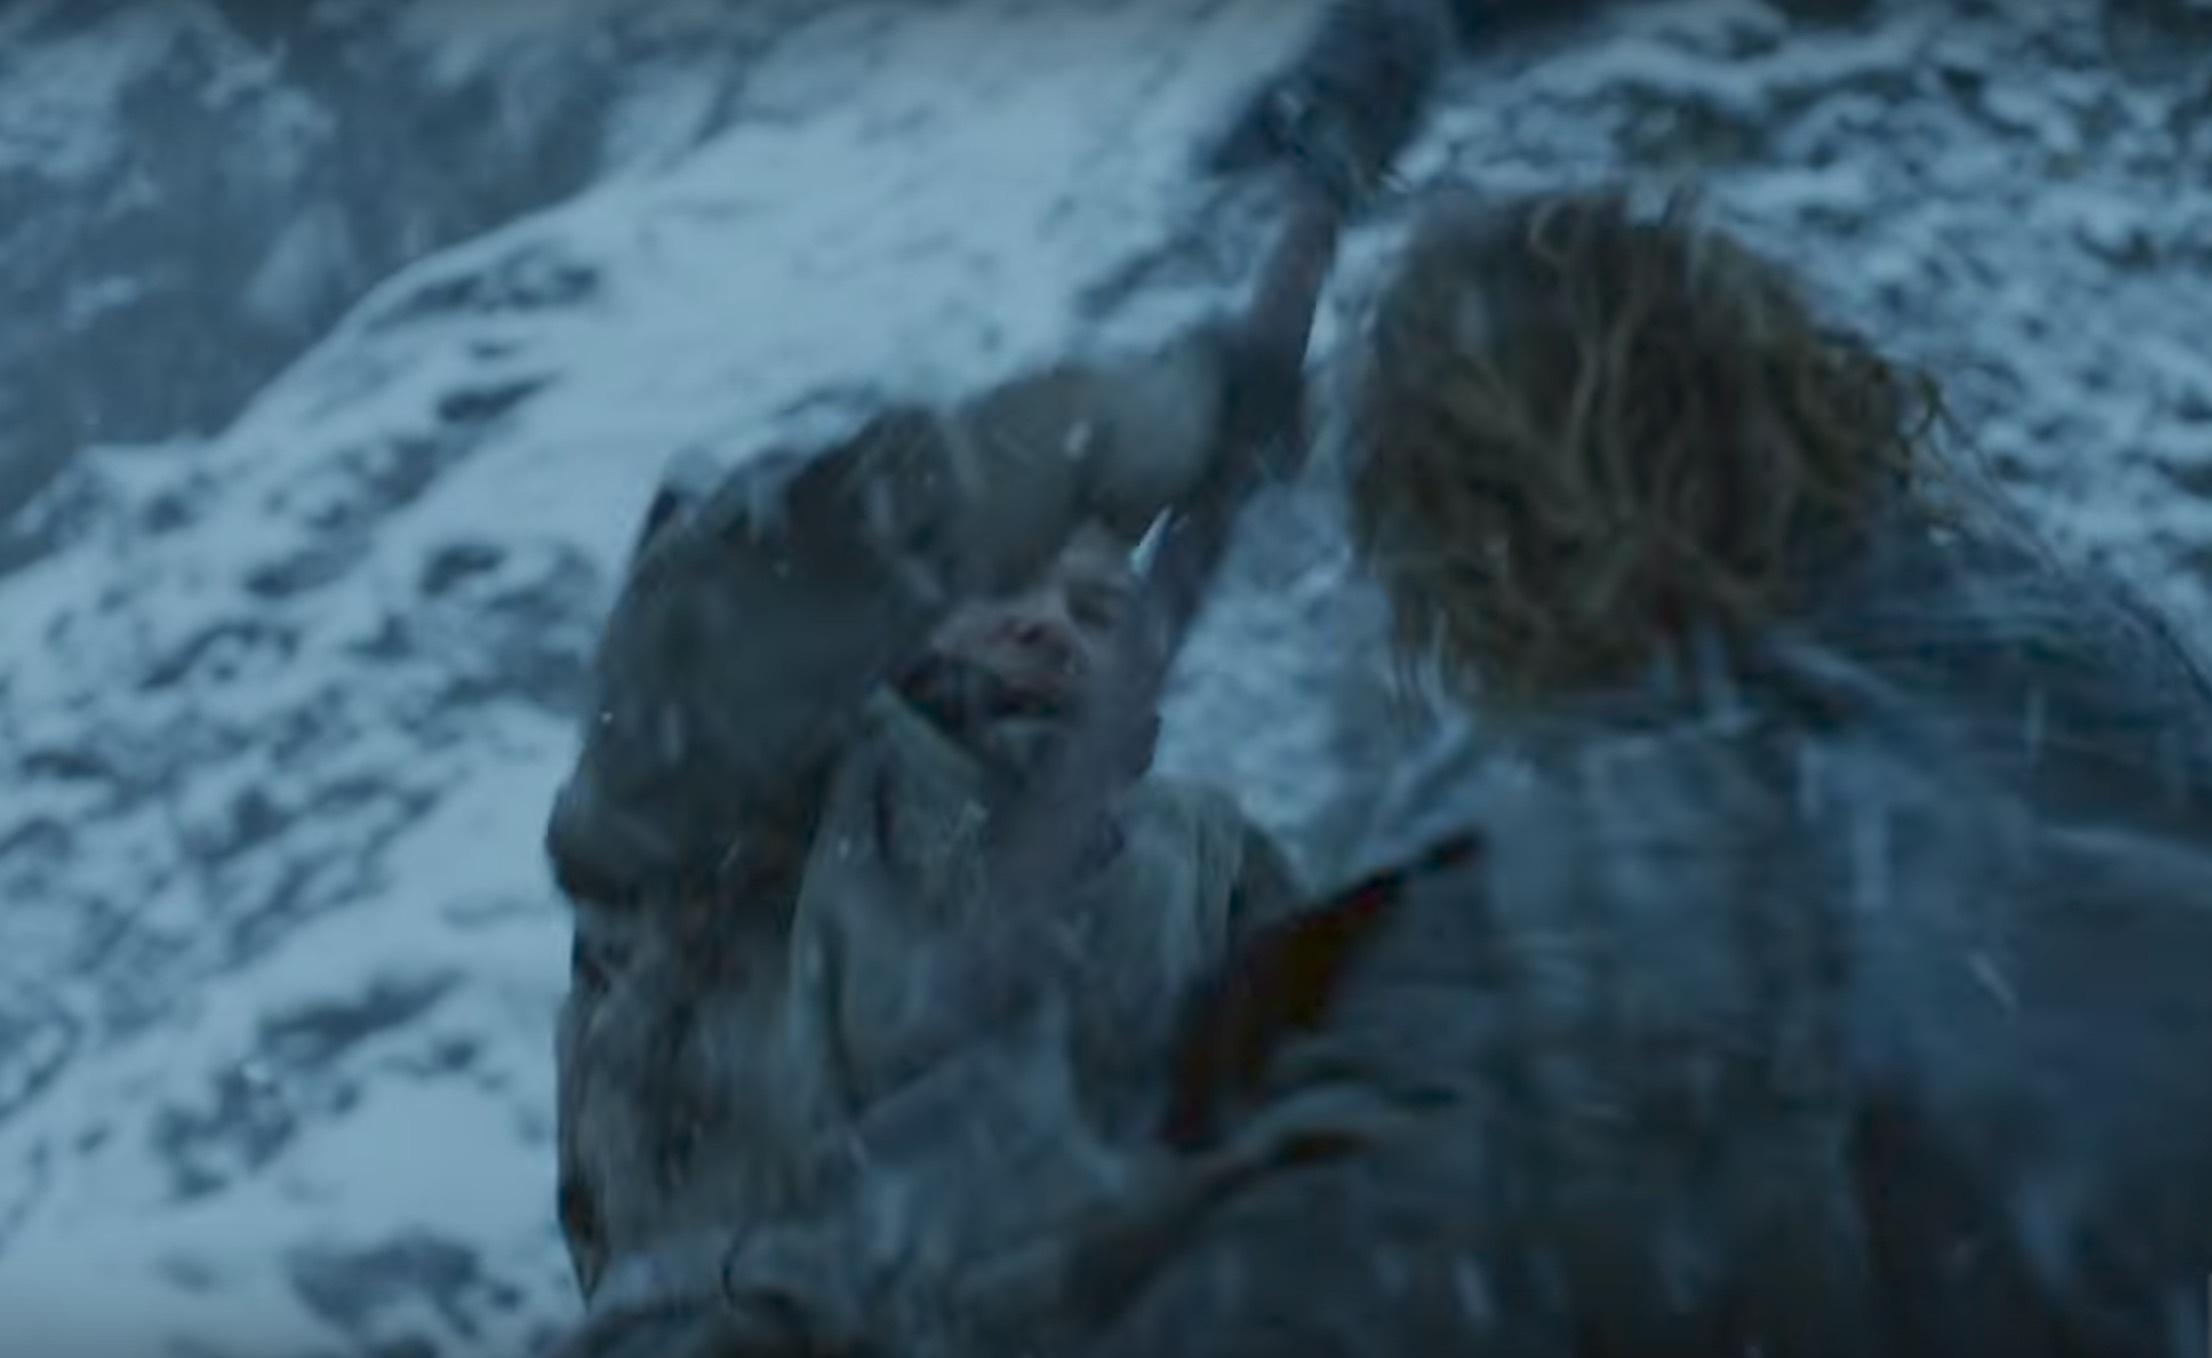 Gendry slåss mot en wight med rejäl hårman (blev först rädd att det kunde vara Tormund som omvandlats, men det finns väl fler håriga fd wildings...)